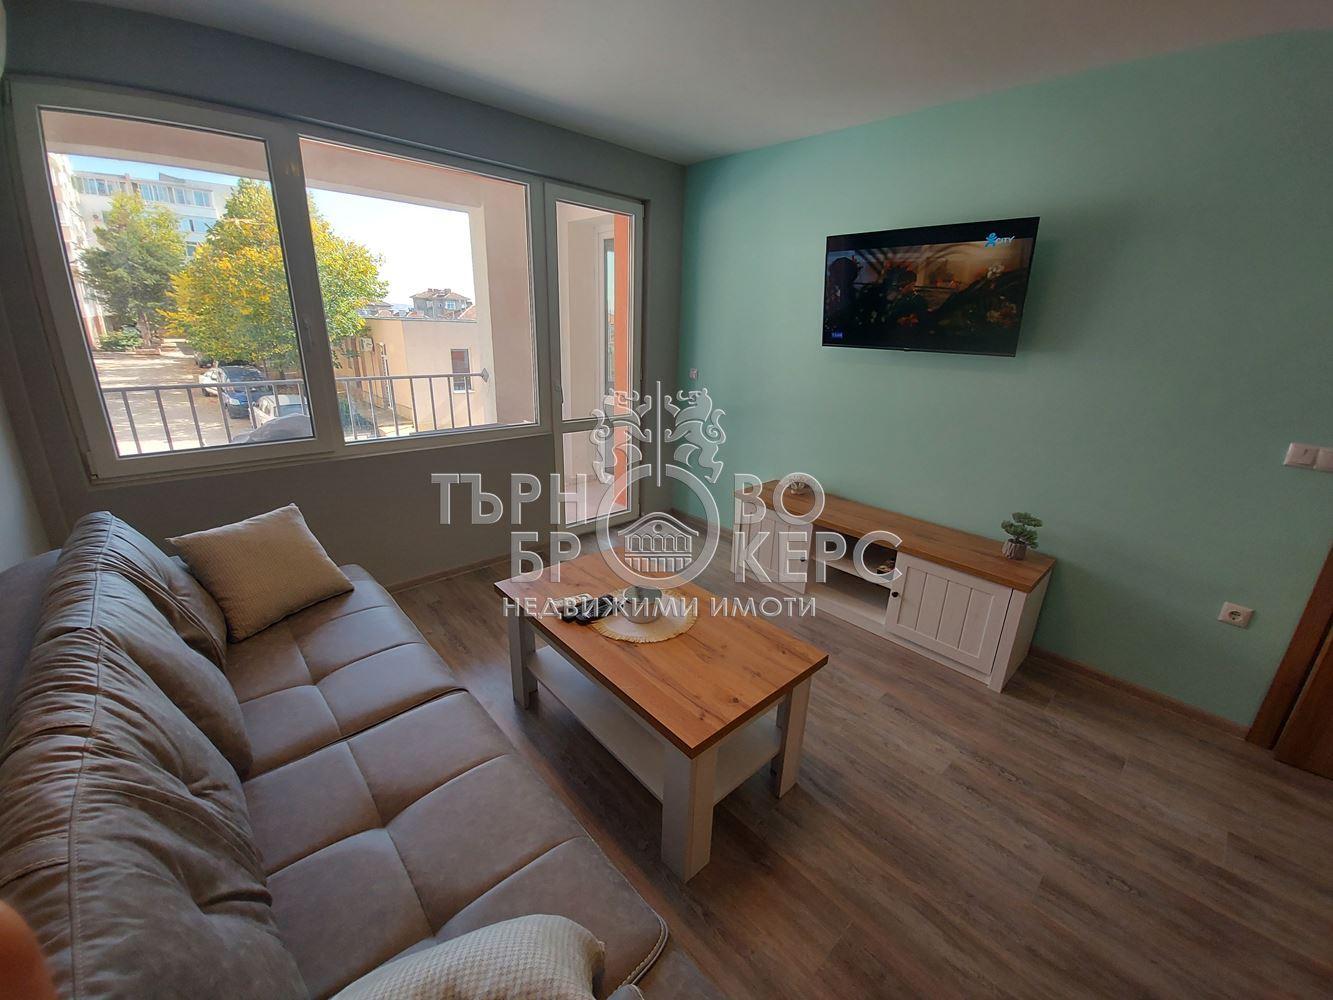 Двустаен апартамент  във  Велико Търново за 540  лв - Двустаен